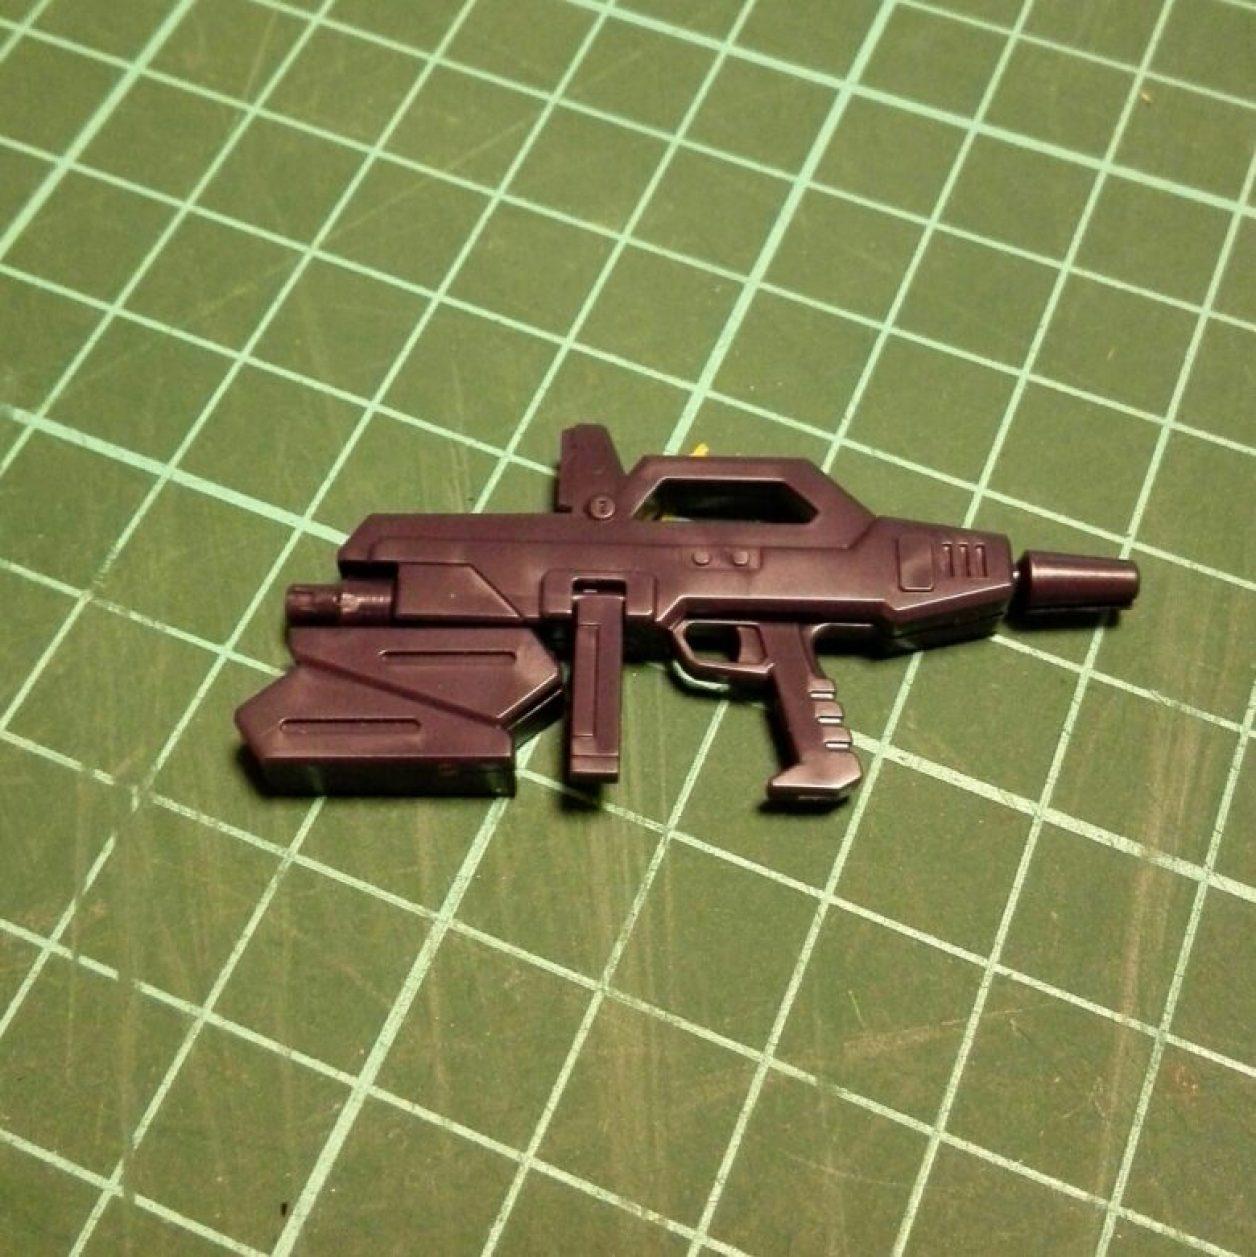 HGUC ガンダム TR-6[ヘイズル改]用武装ビーム・ライフルの改造前の画像